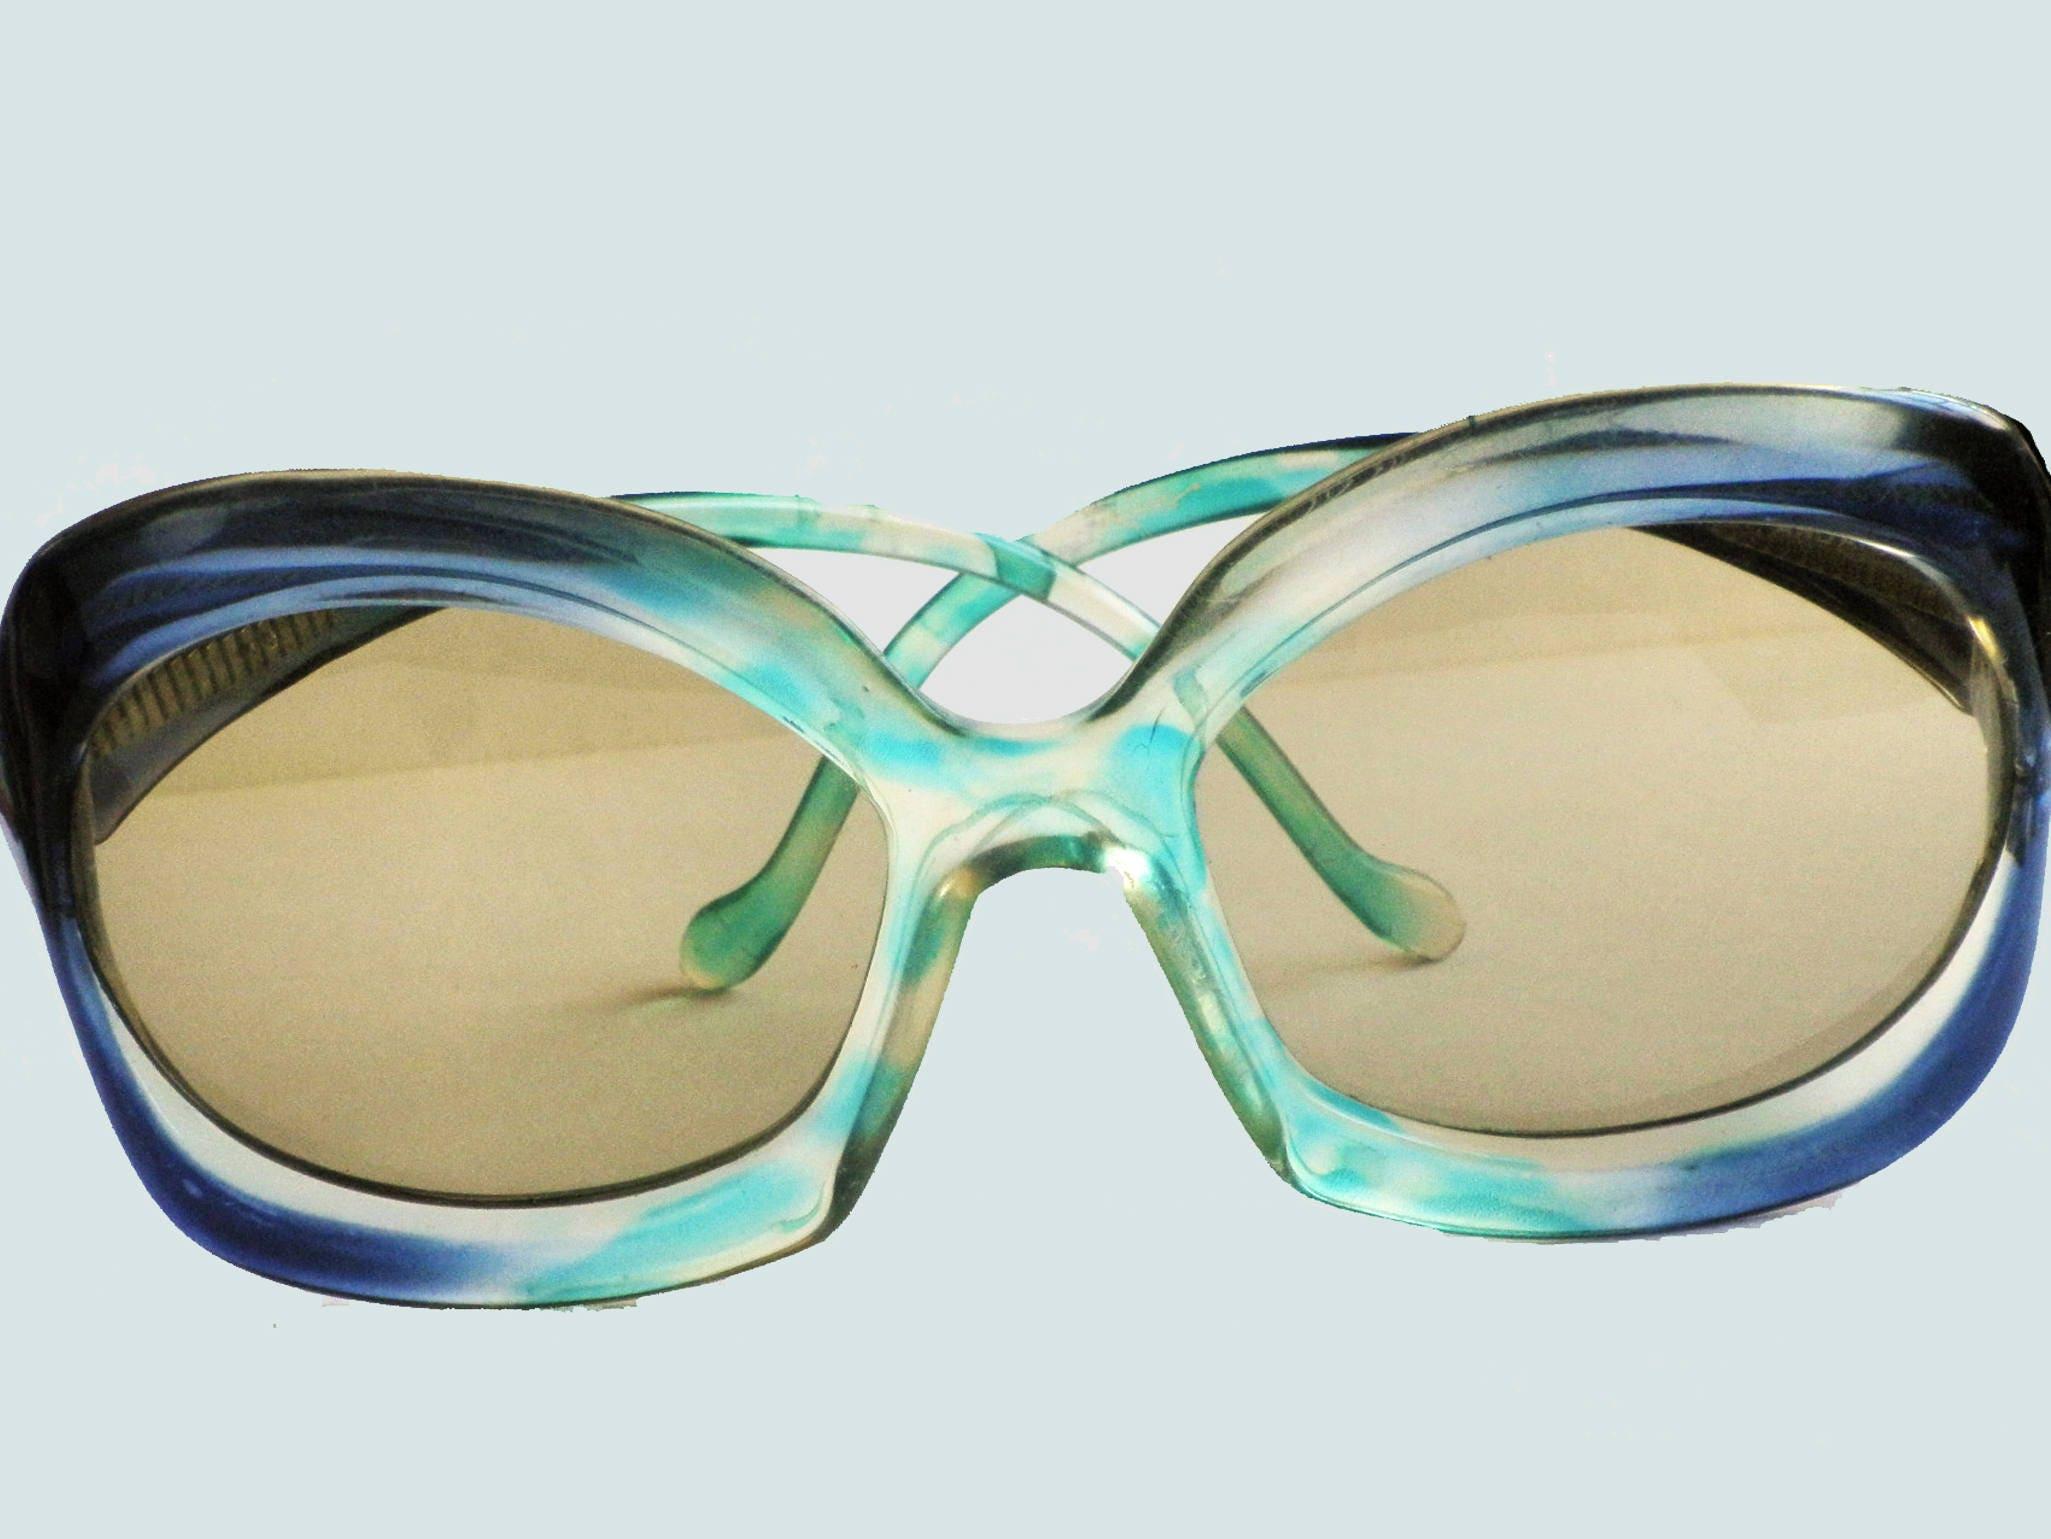 Original Vintage 1970er Jahre übergroße Sonnenbrille GANDAHAR | Etsy